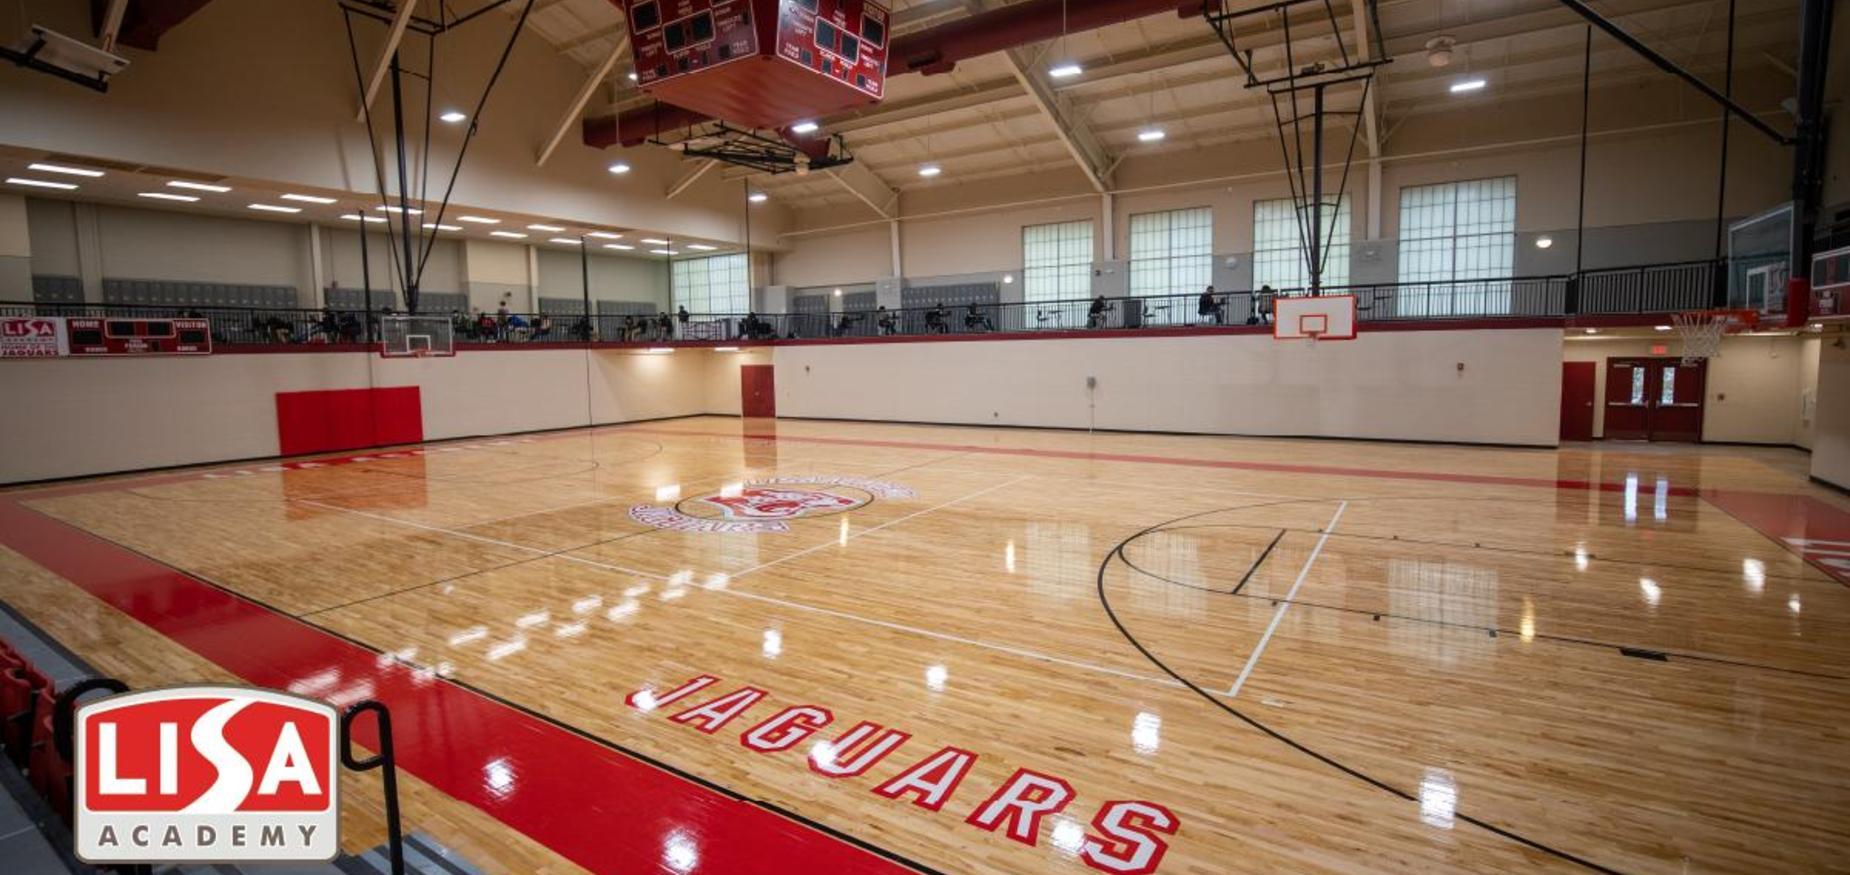 West HS gym photo